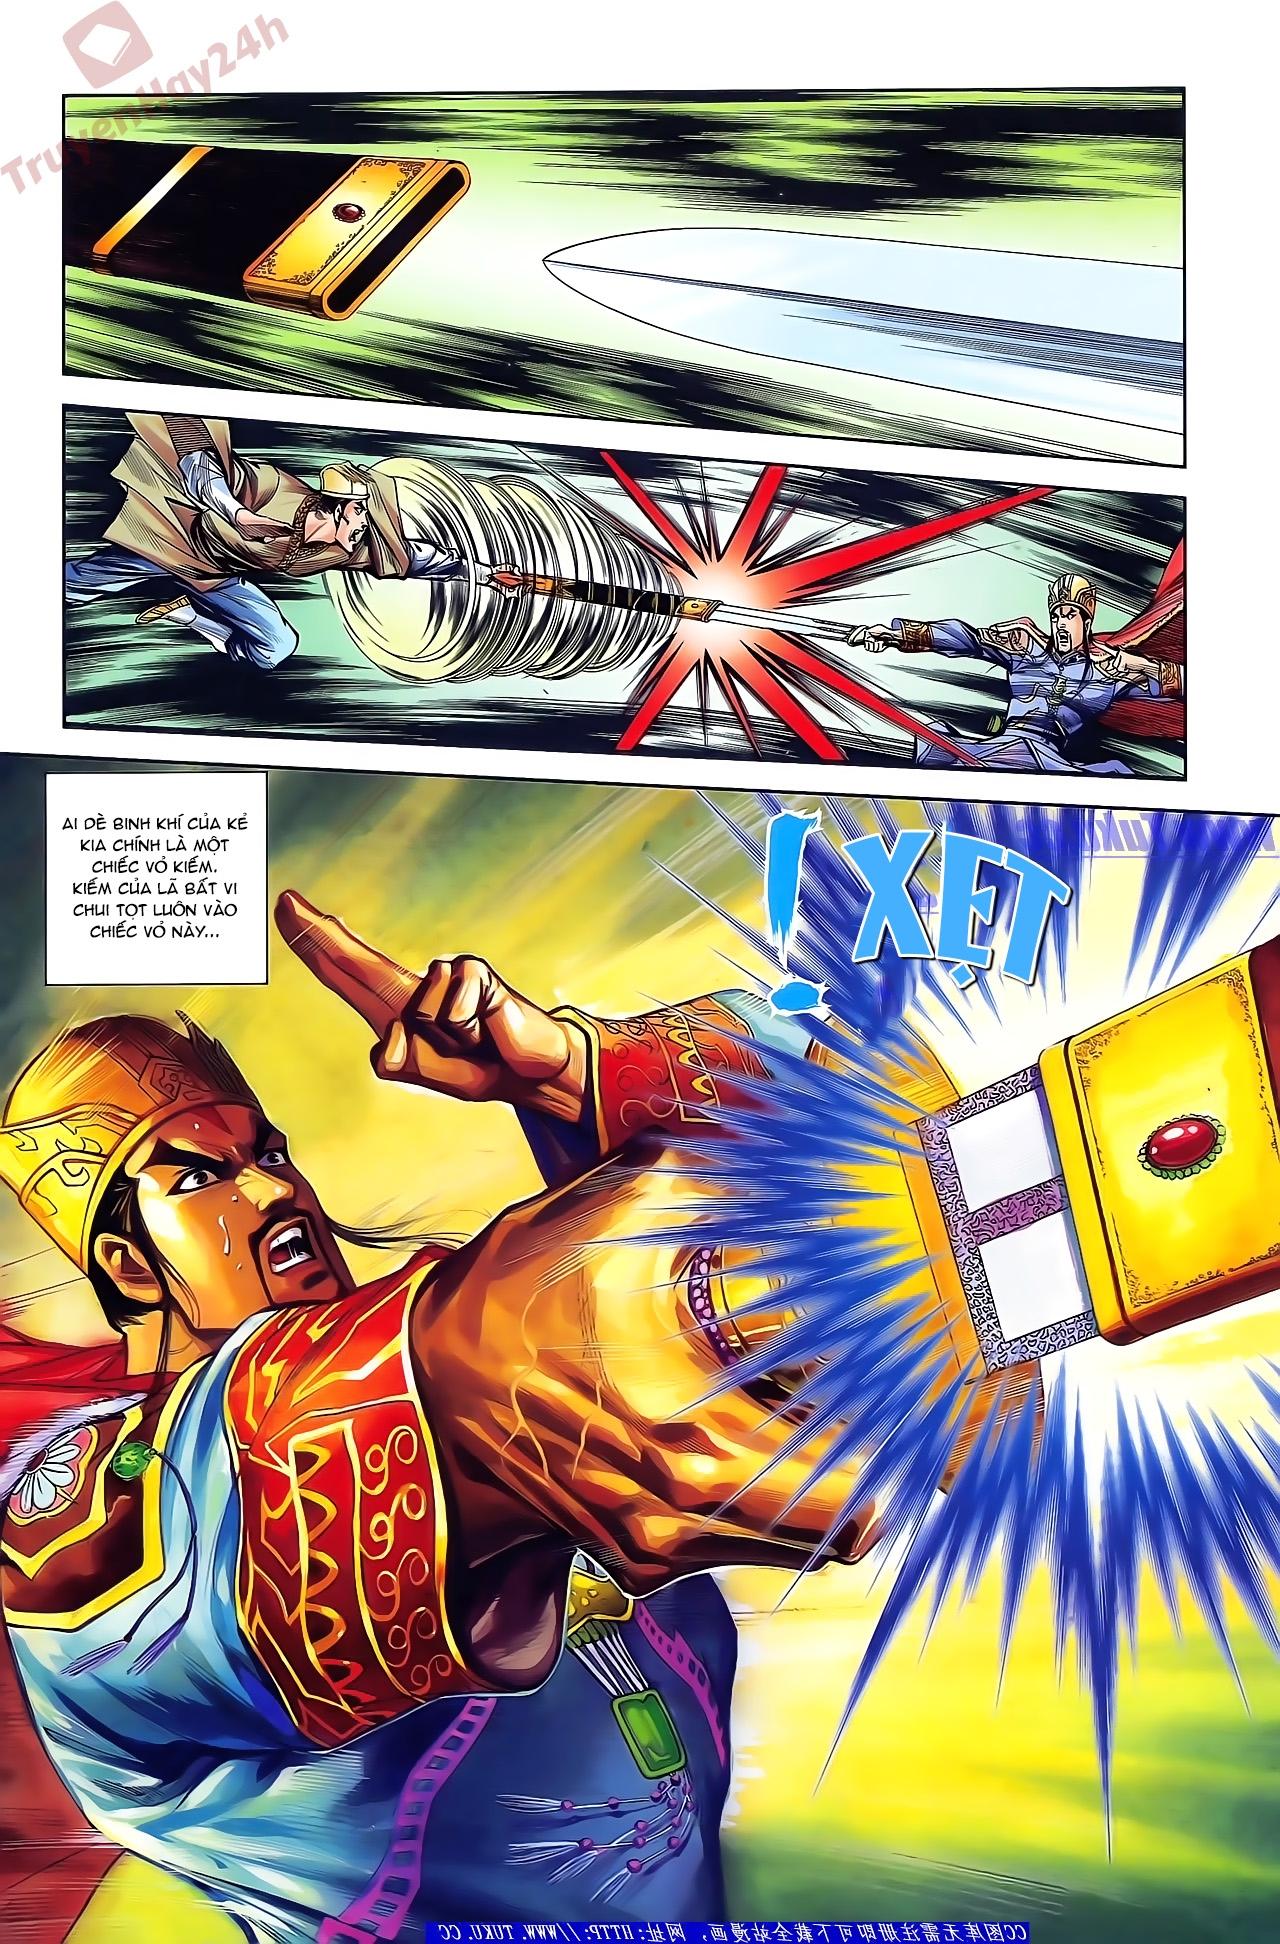 Tần Vương Doanh Chính chapter 48 trang 2